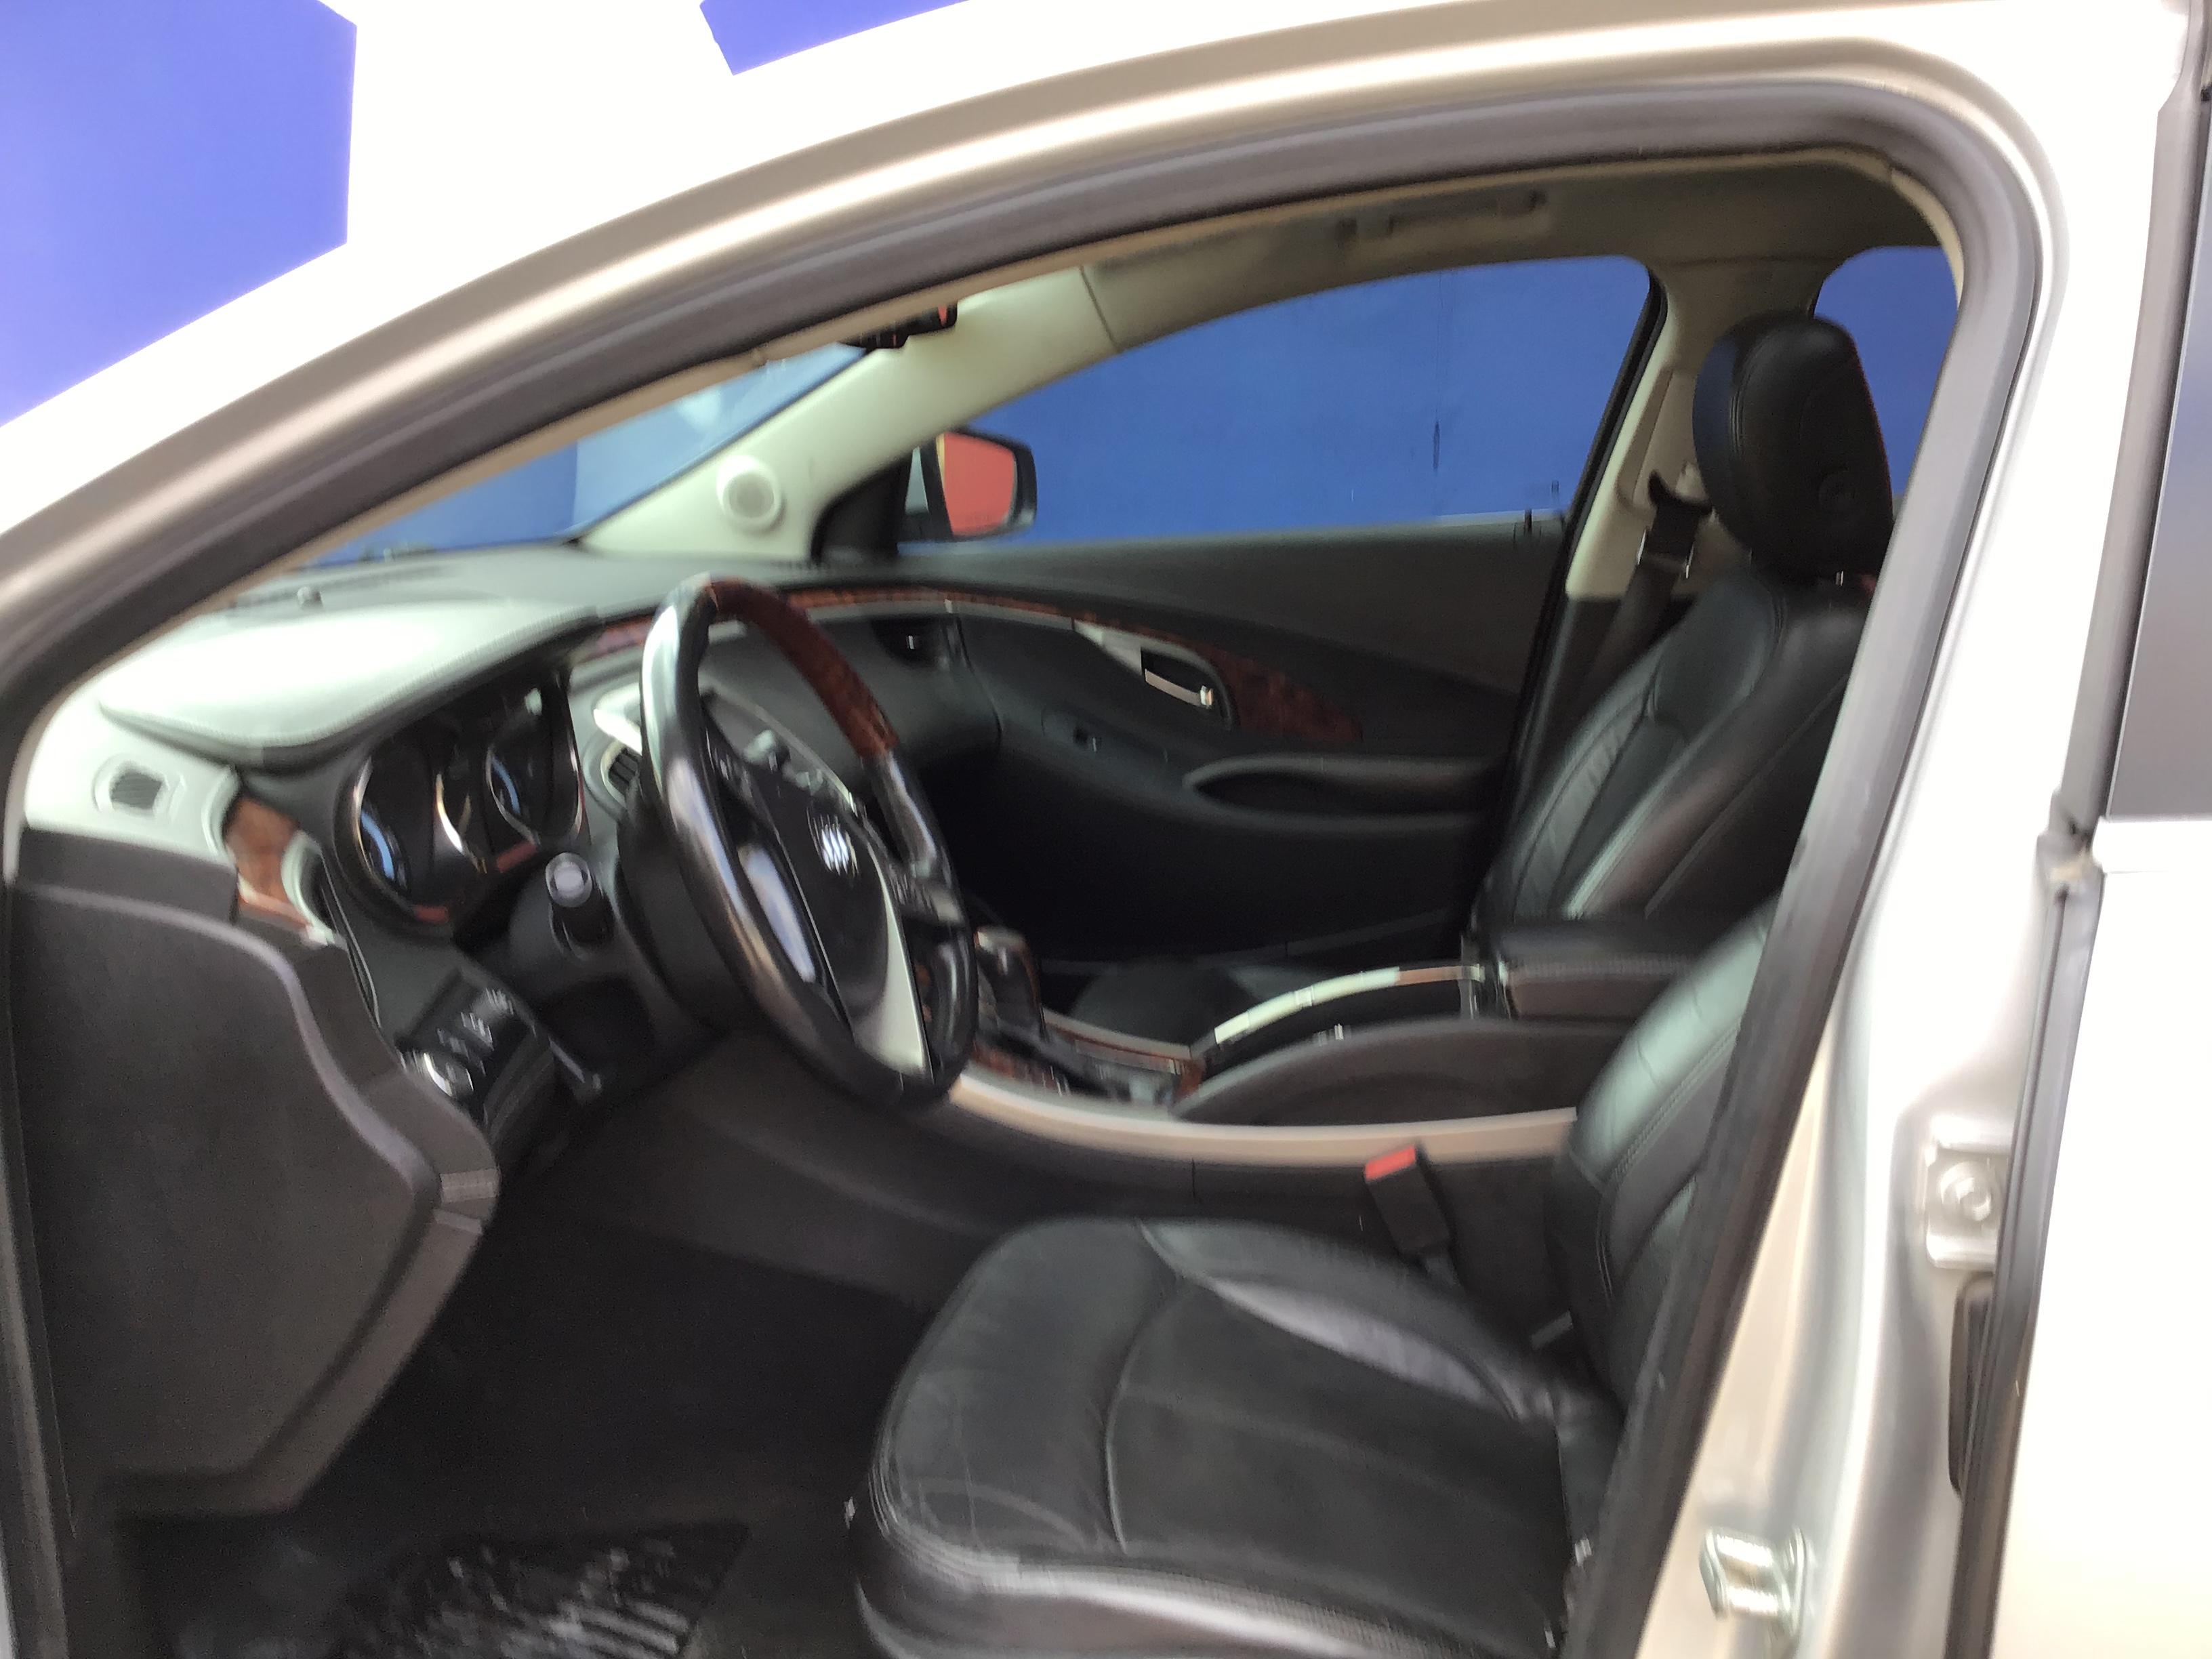 used vehicle - Sedan BUICK LACROSSE 2012